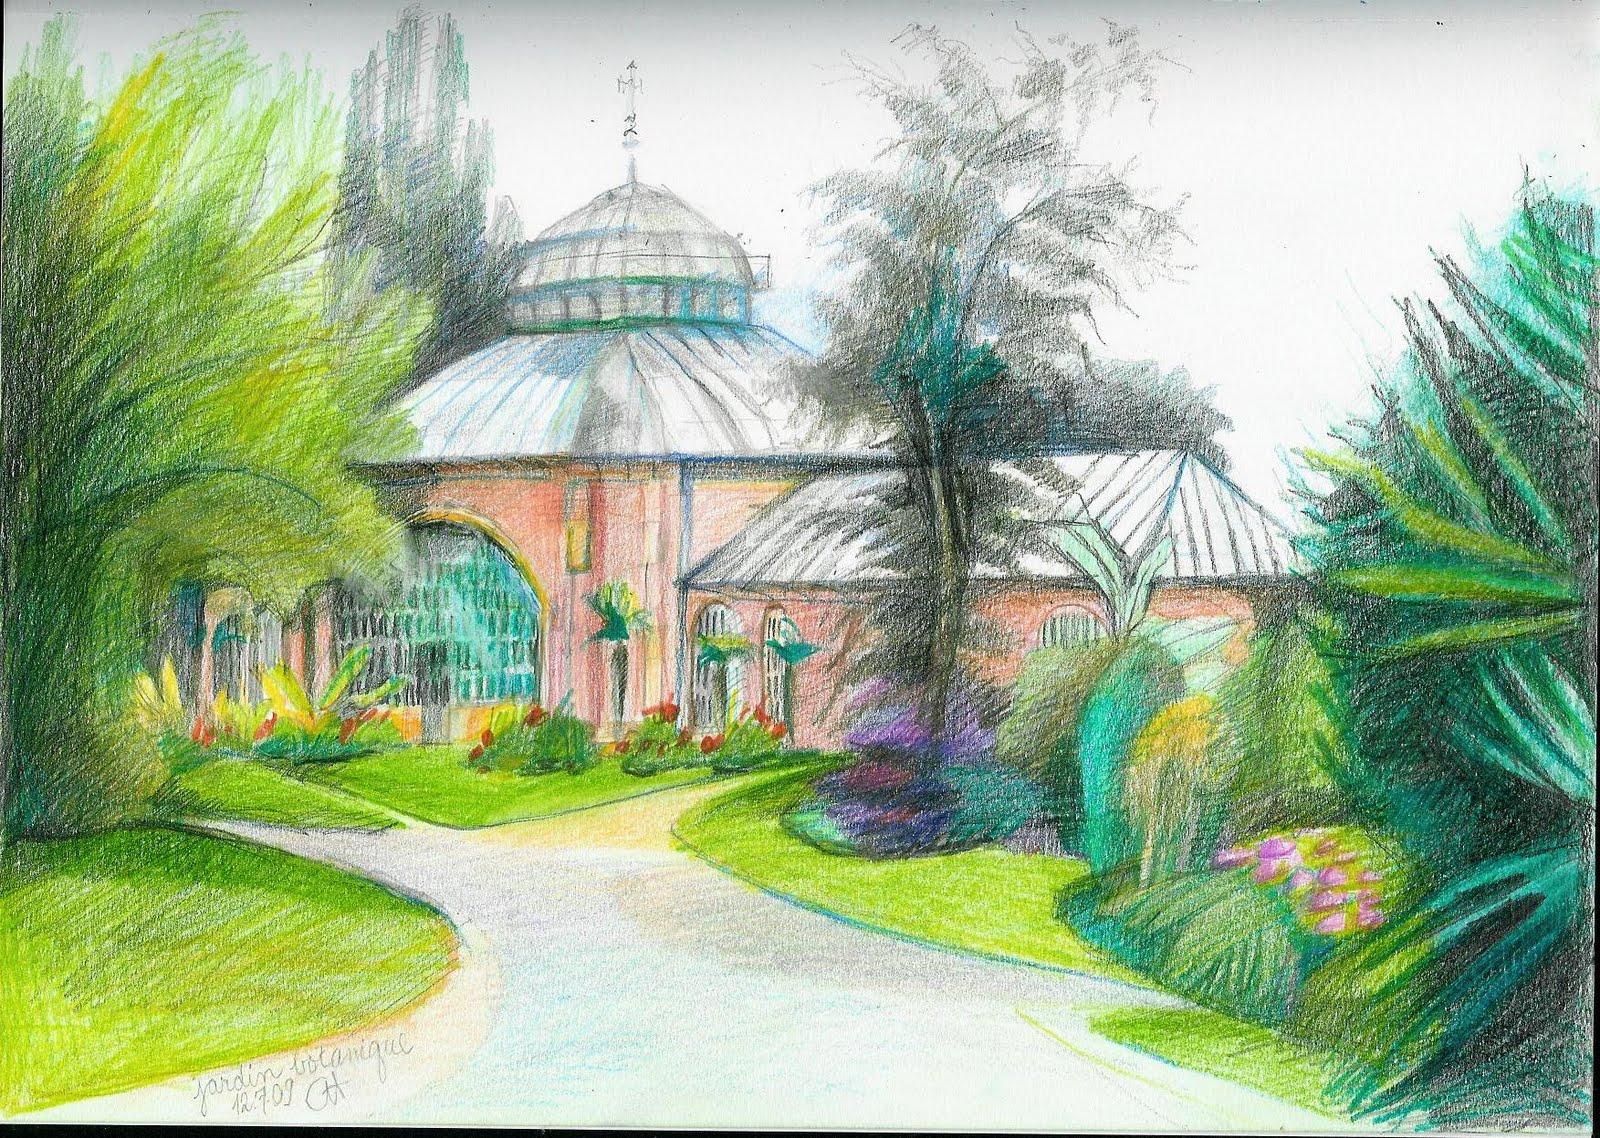 le jardin botanique metz france - Jardin Botanique Metz